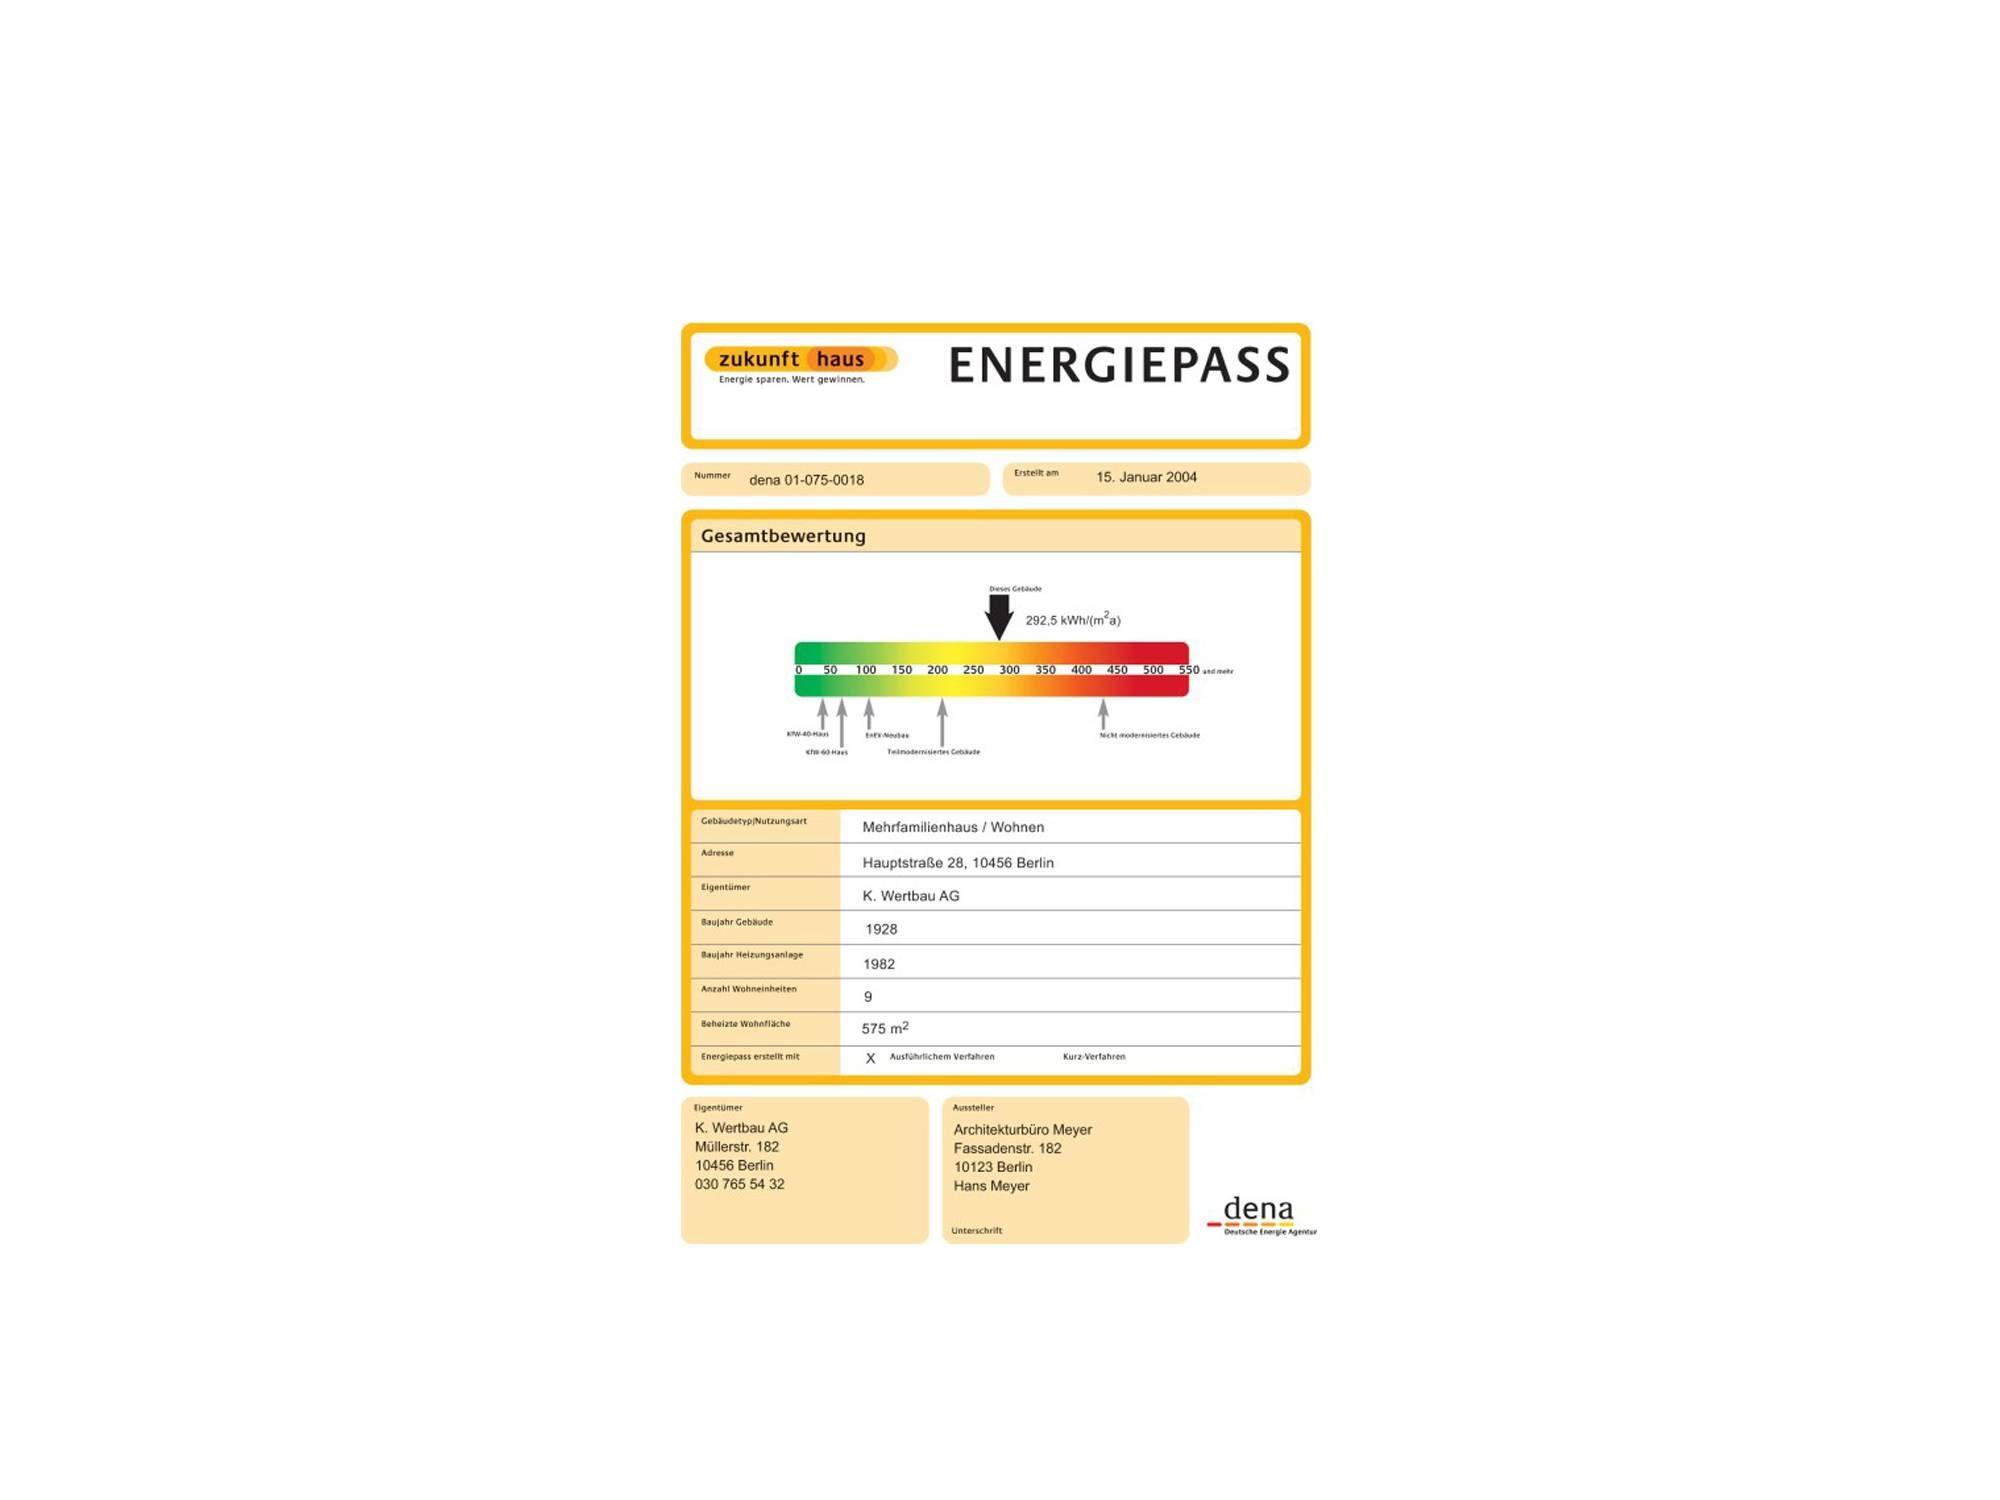 energiepass-energieausweis.jpg